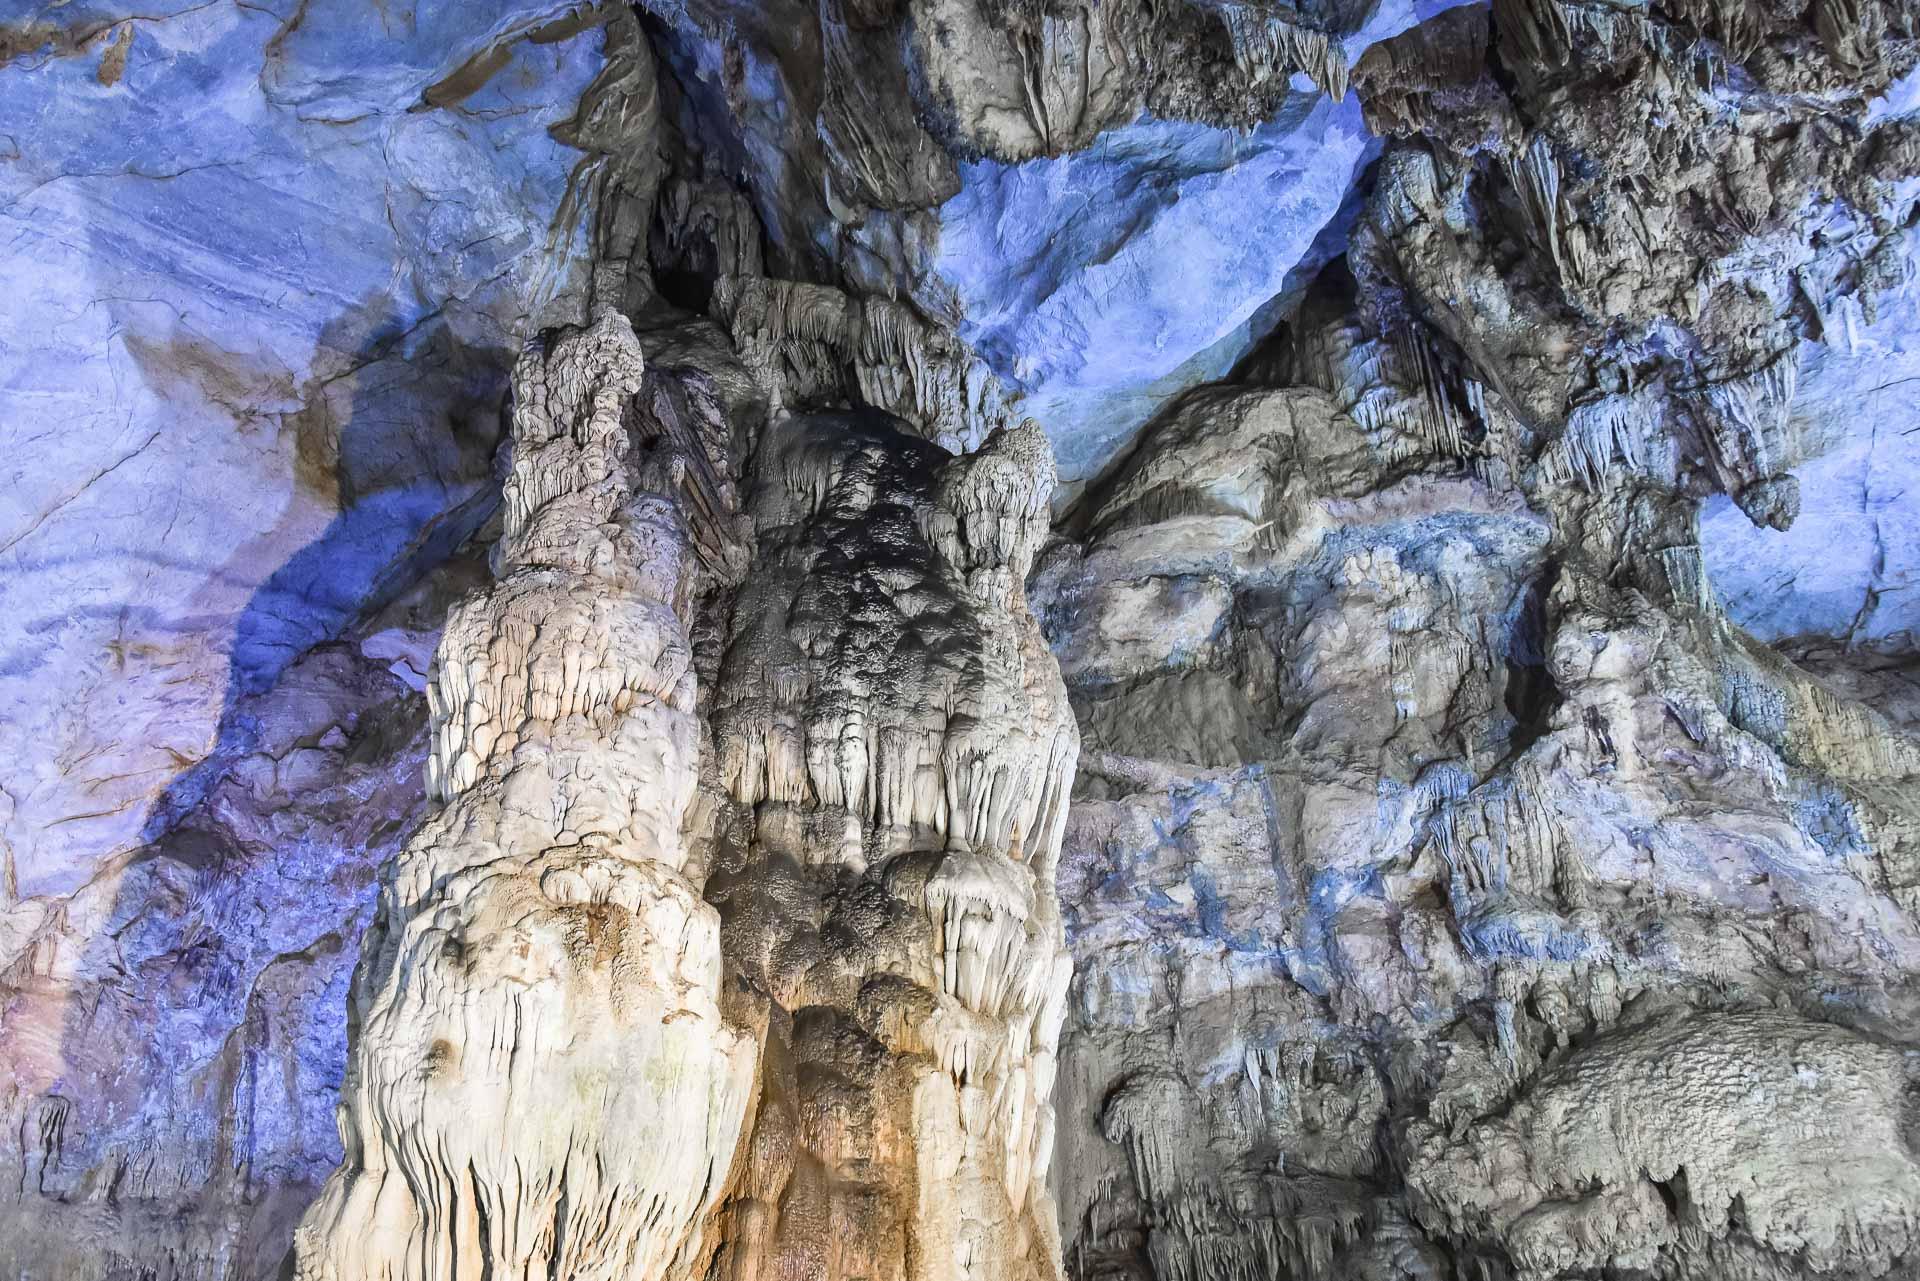 LesVoyageuses-Vietnam-Phong-Nha-Caves-Nature-9